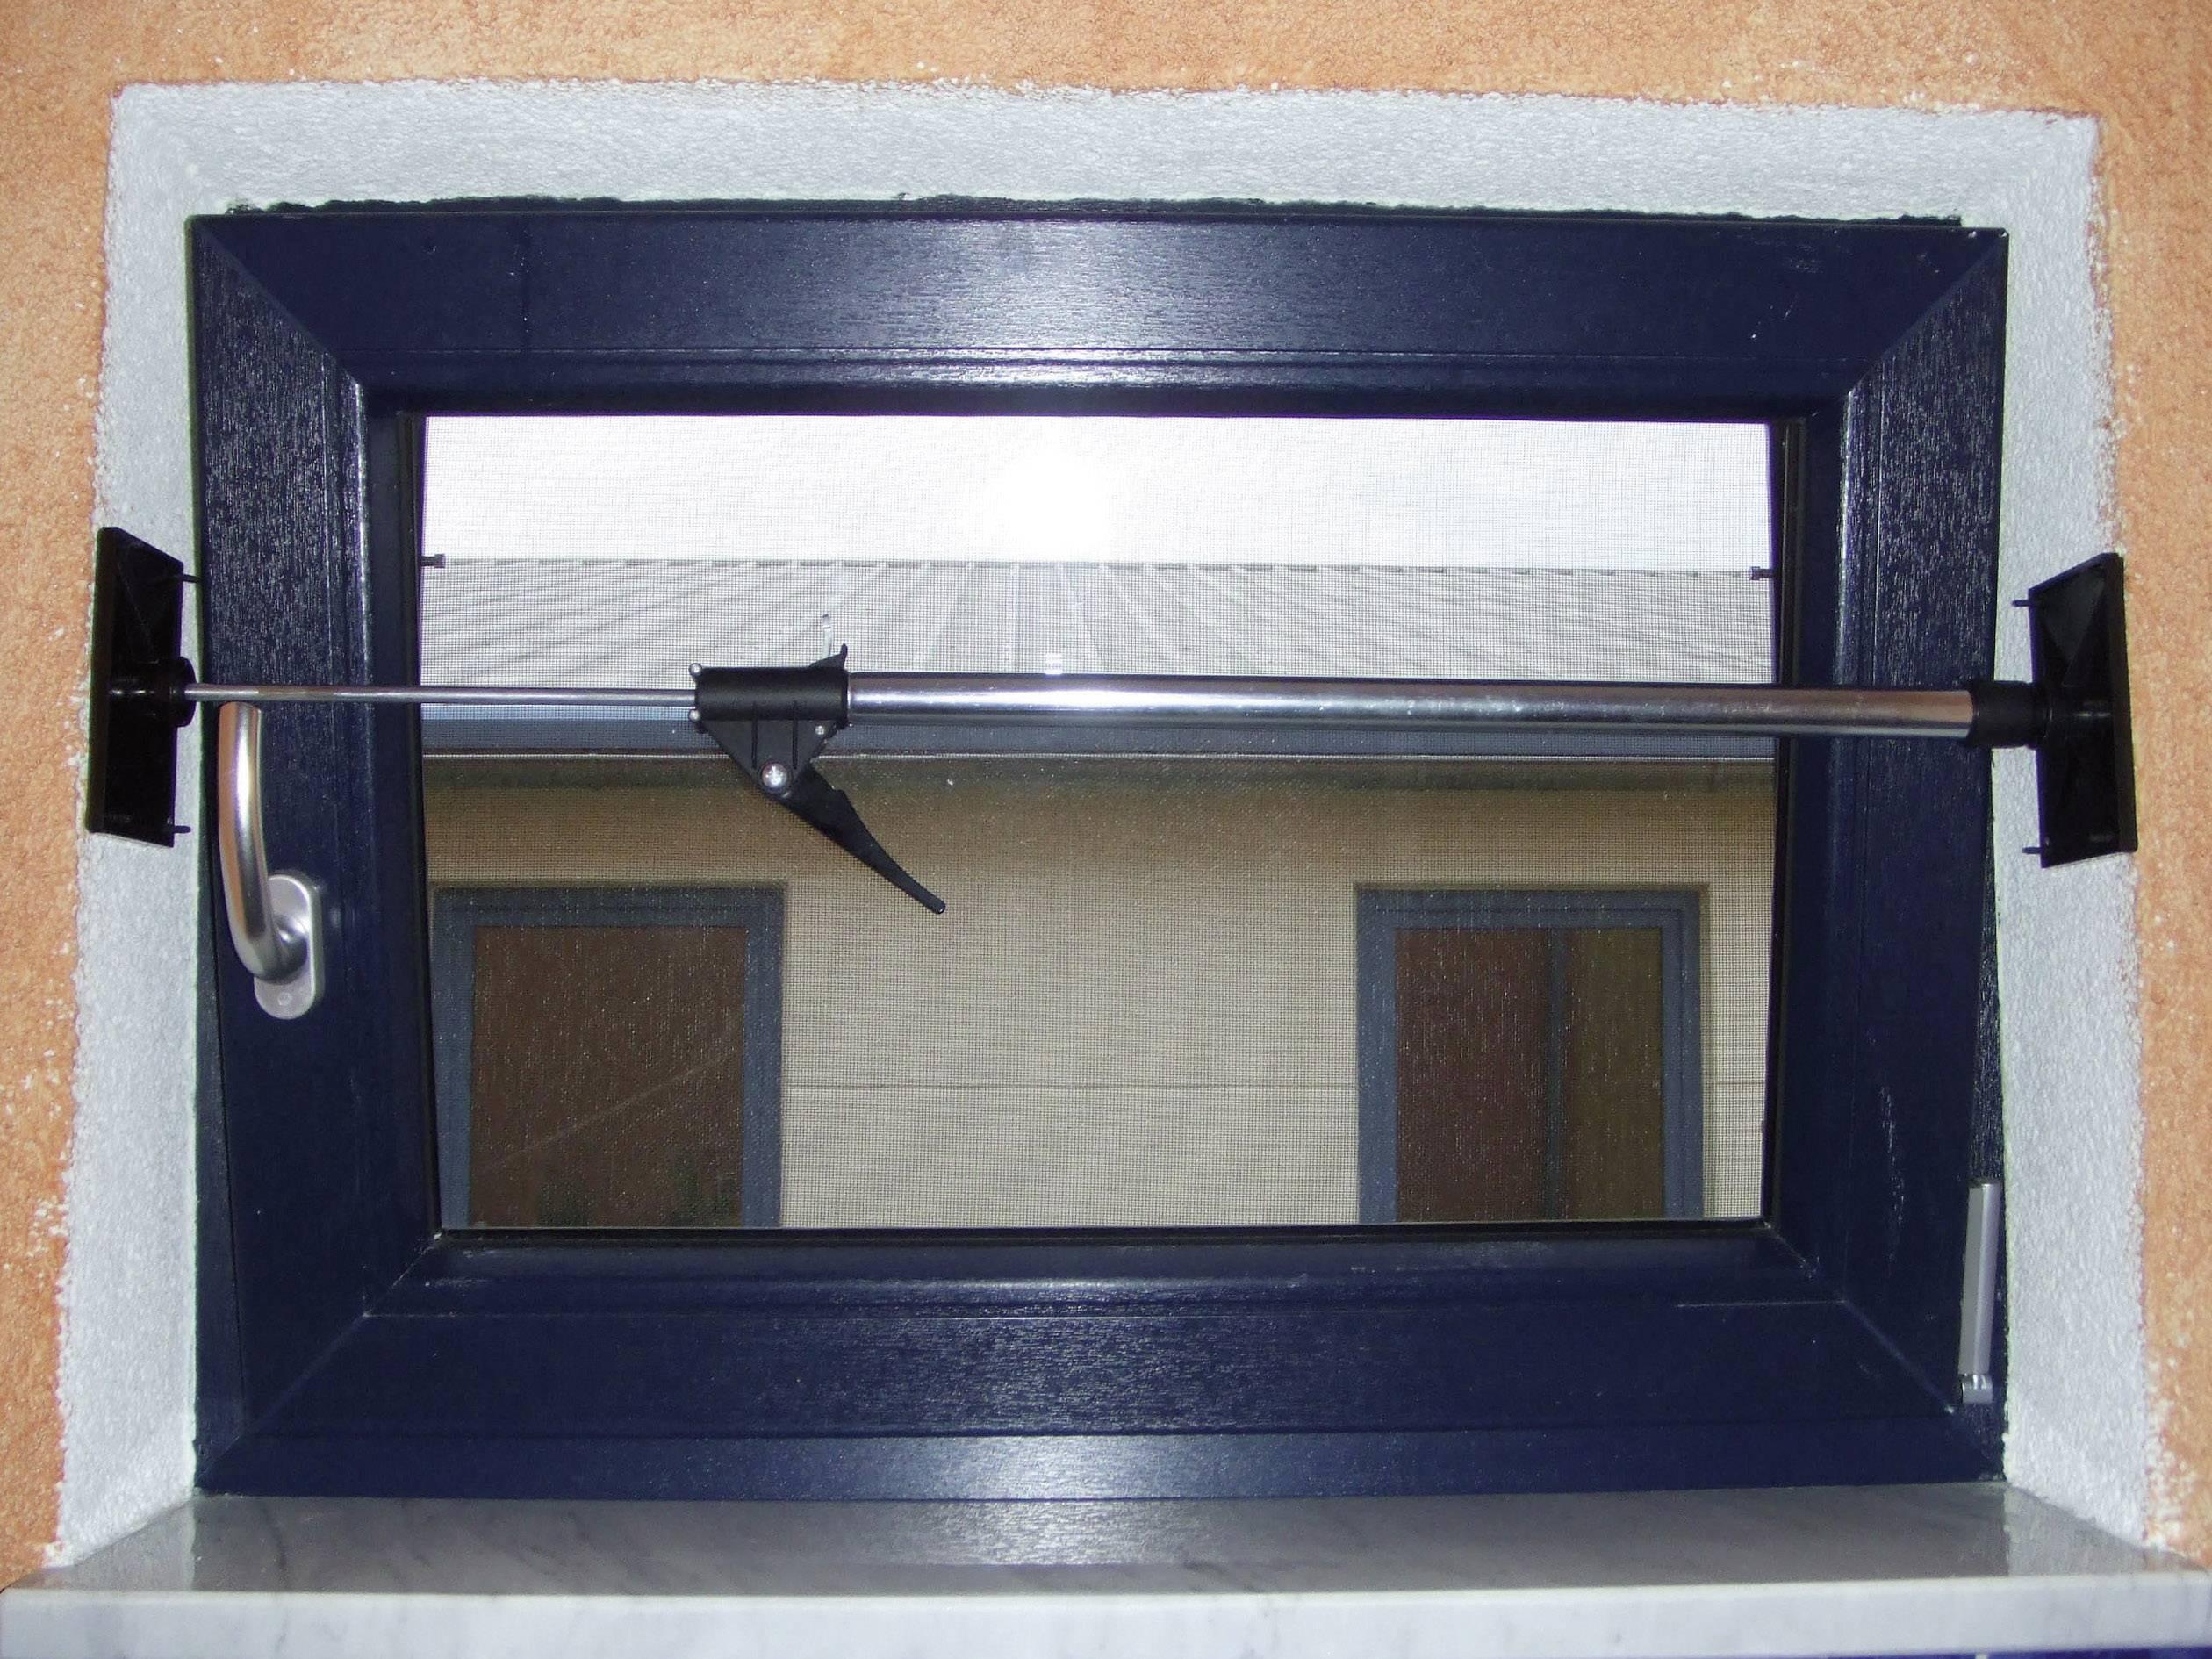 Dverová a okenná rozperná tyč 824189, 0.65 - 1.10 m, max.nosnosť: 40 kg